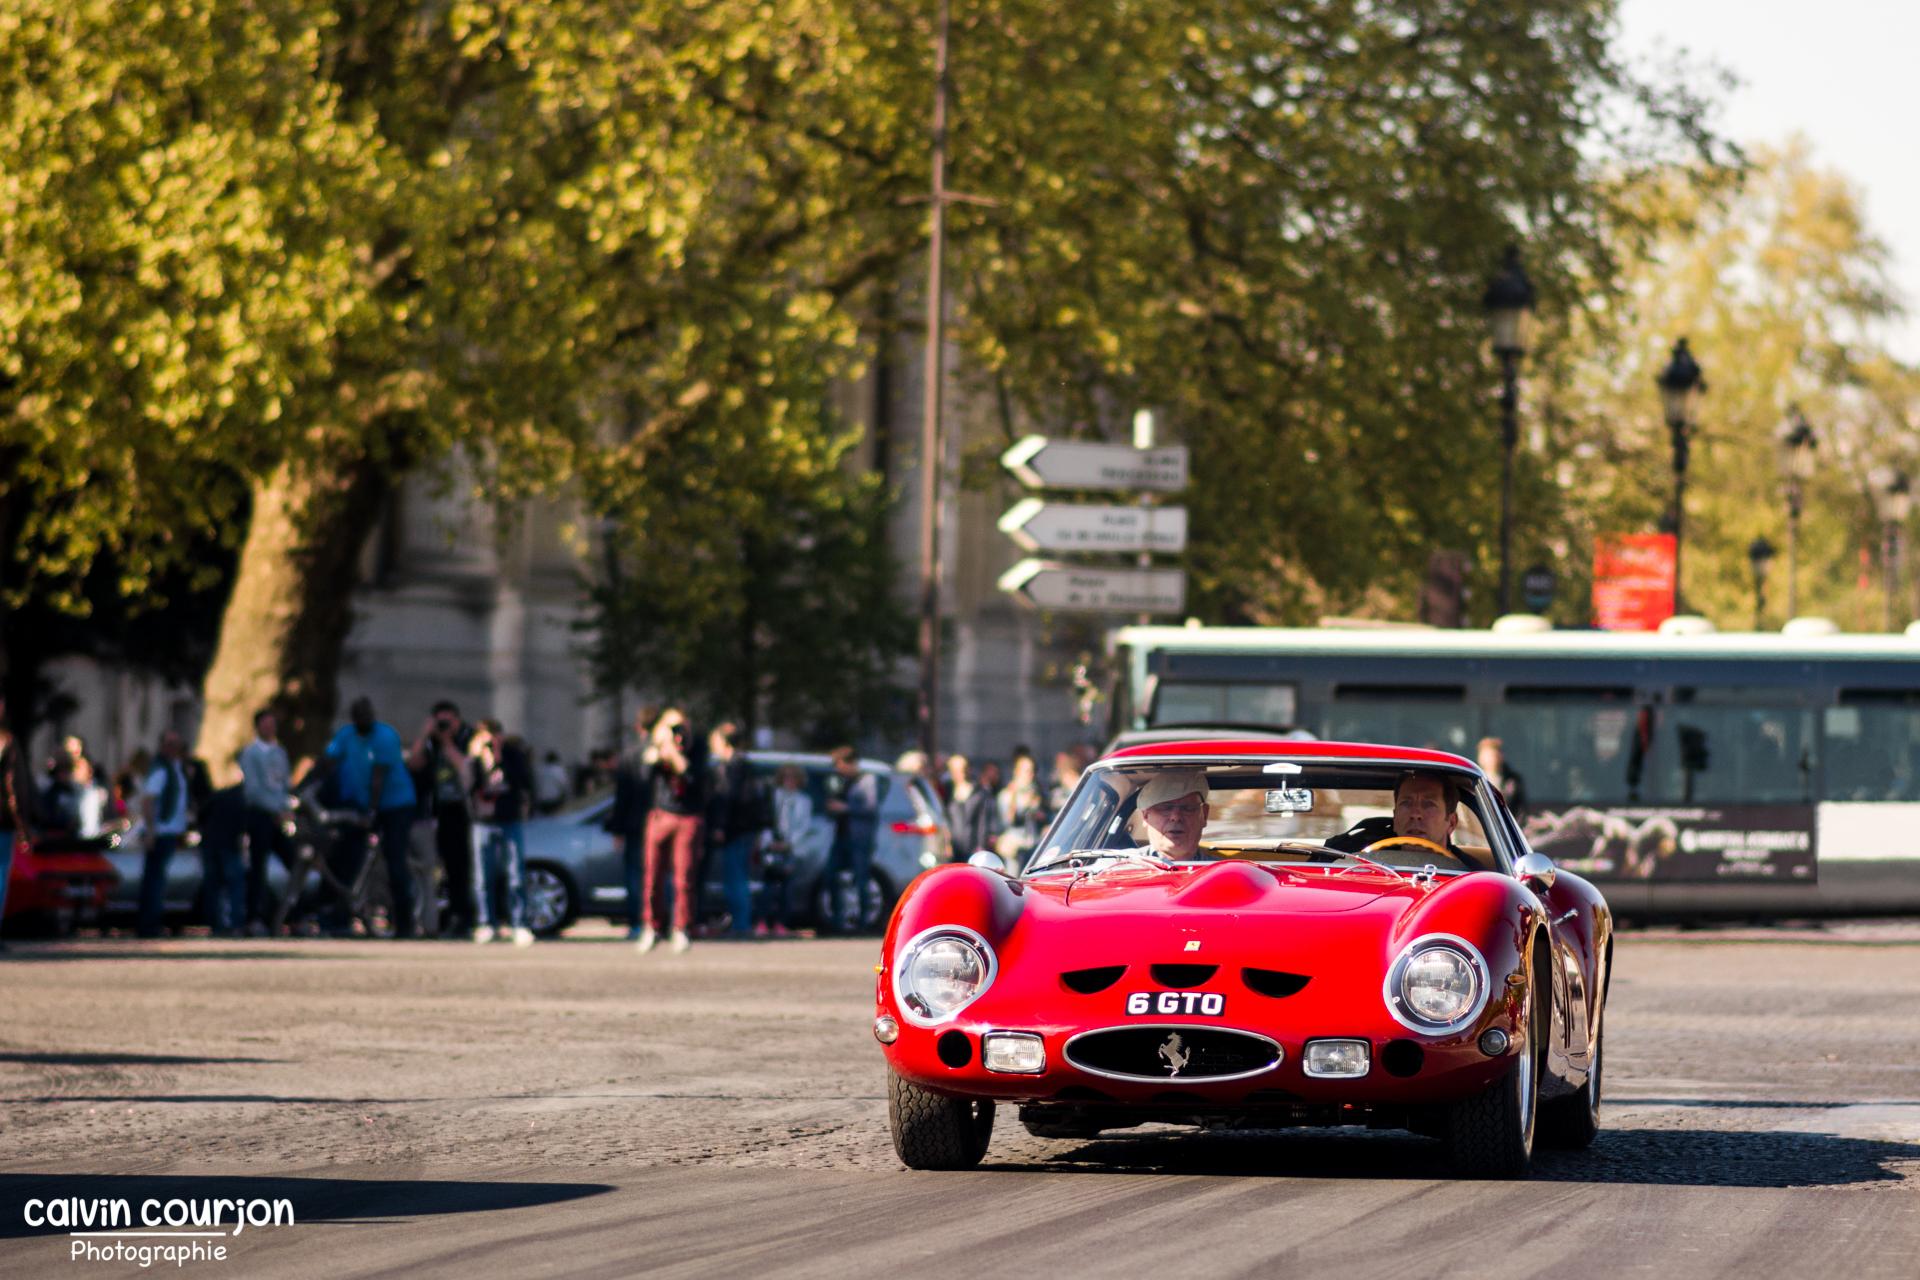 Ferrari 250 GTO - Tour Auto 2015 - Calvin Courjon Photographie